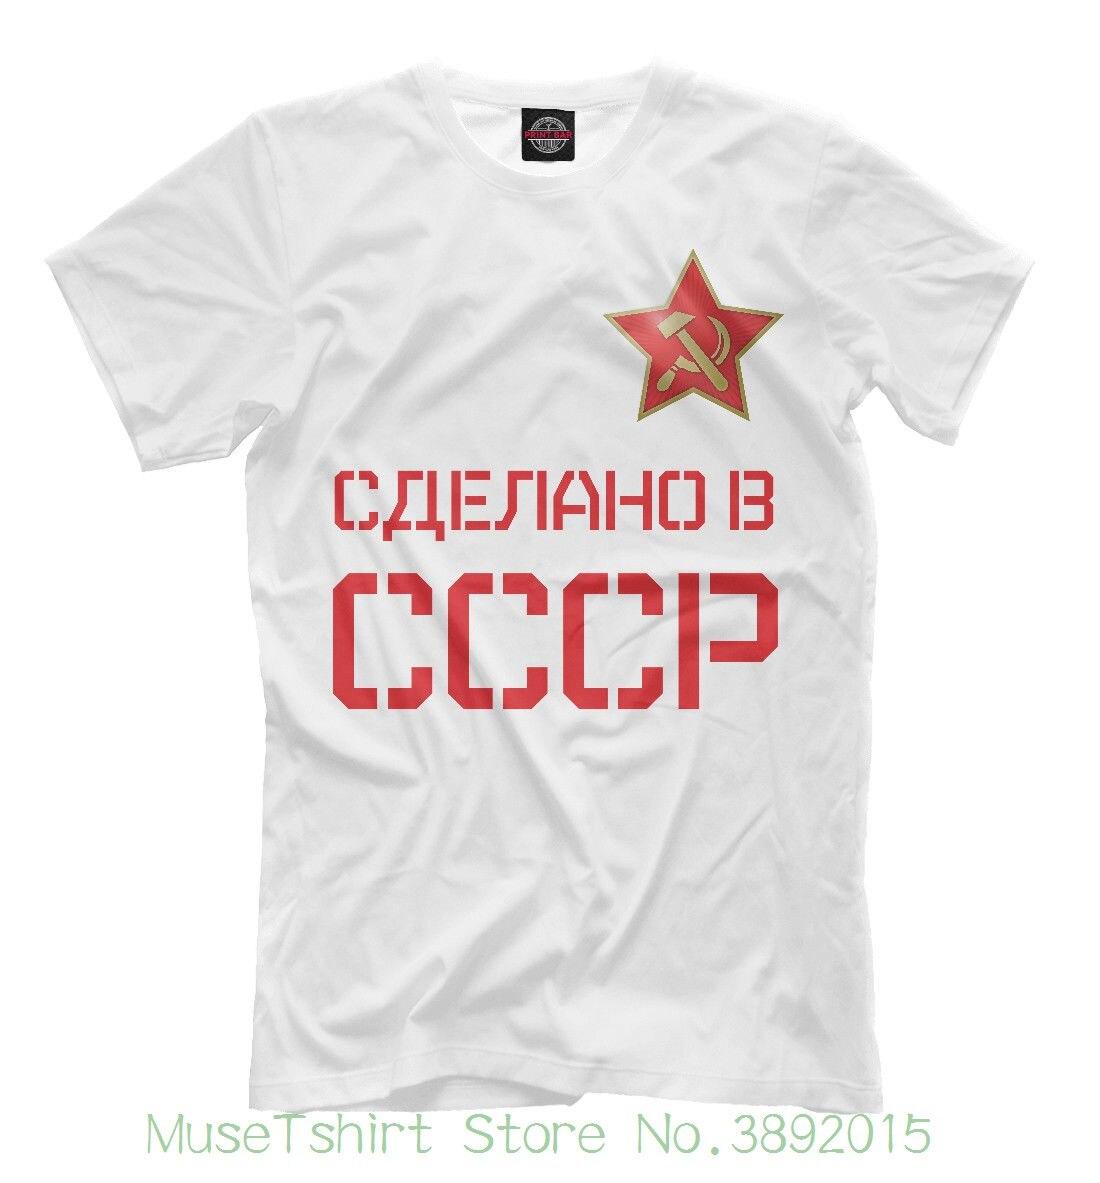 75967224e6a9728 СССР, новая футболка Россия Космос коммунизма КГБ Империя короткий рукав хлопковая  Футболка с круглым воротником